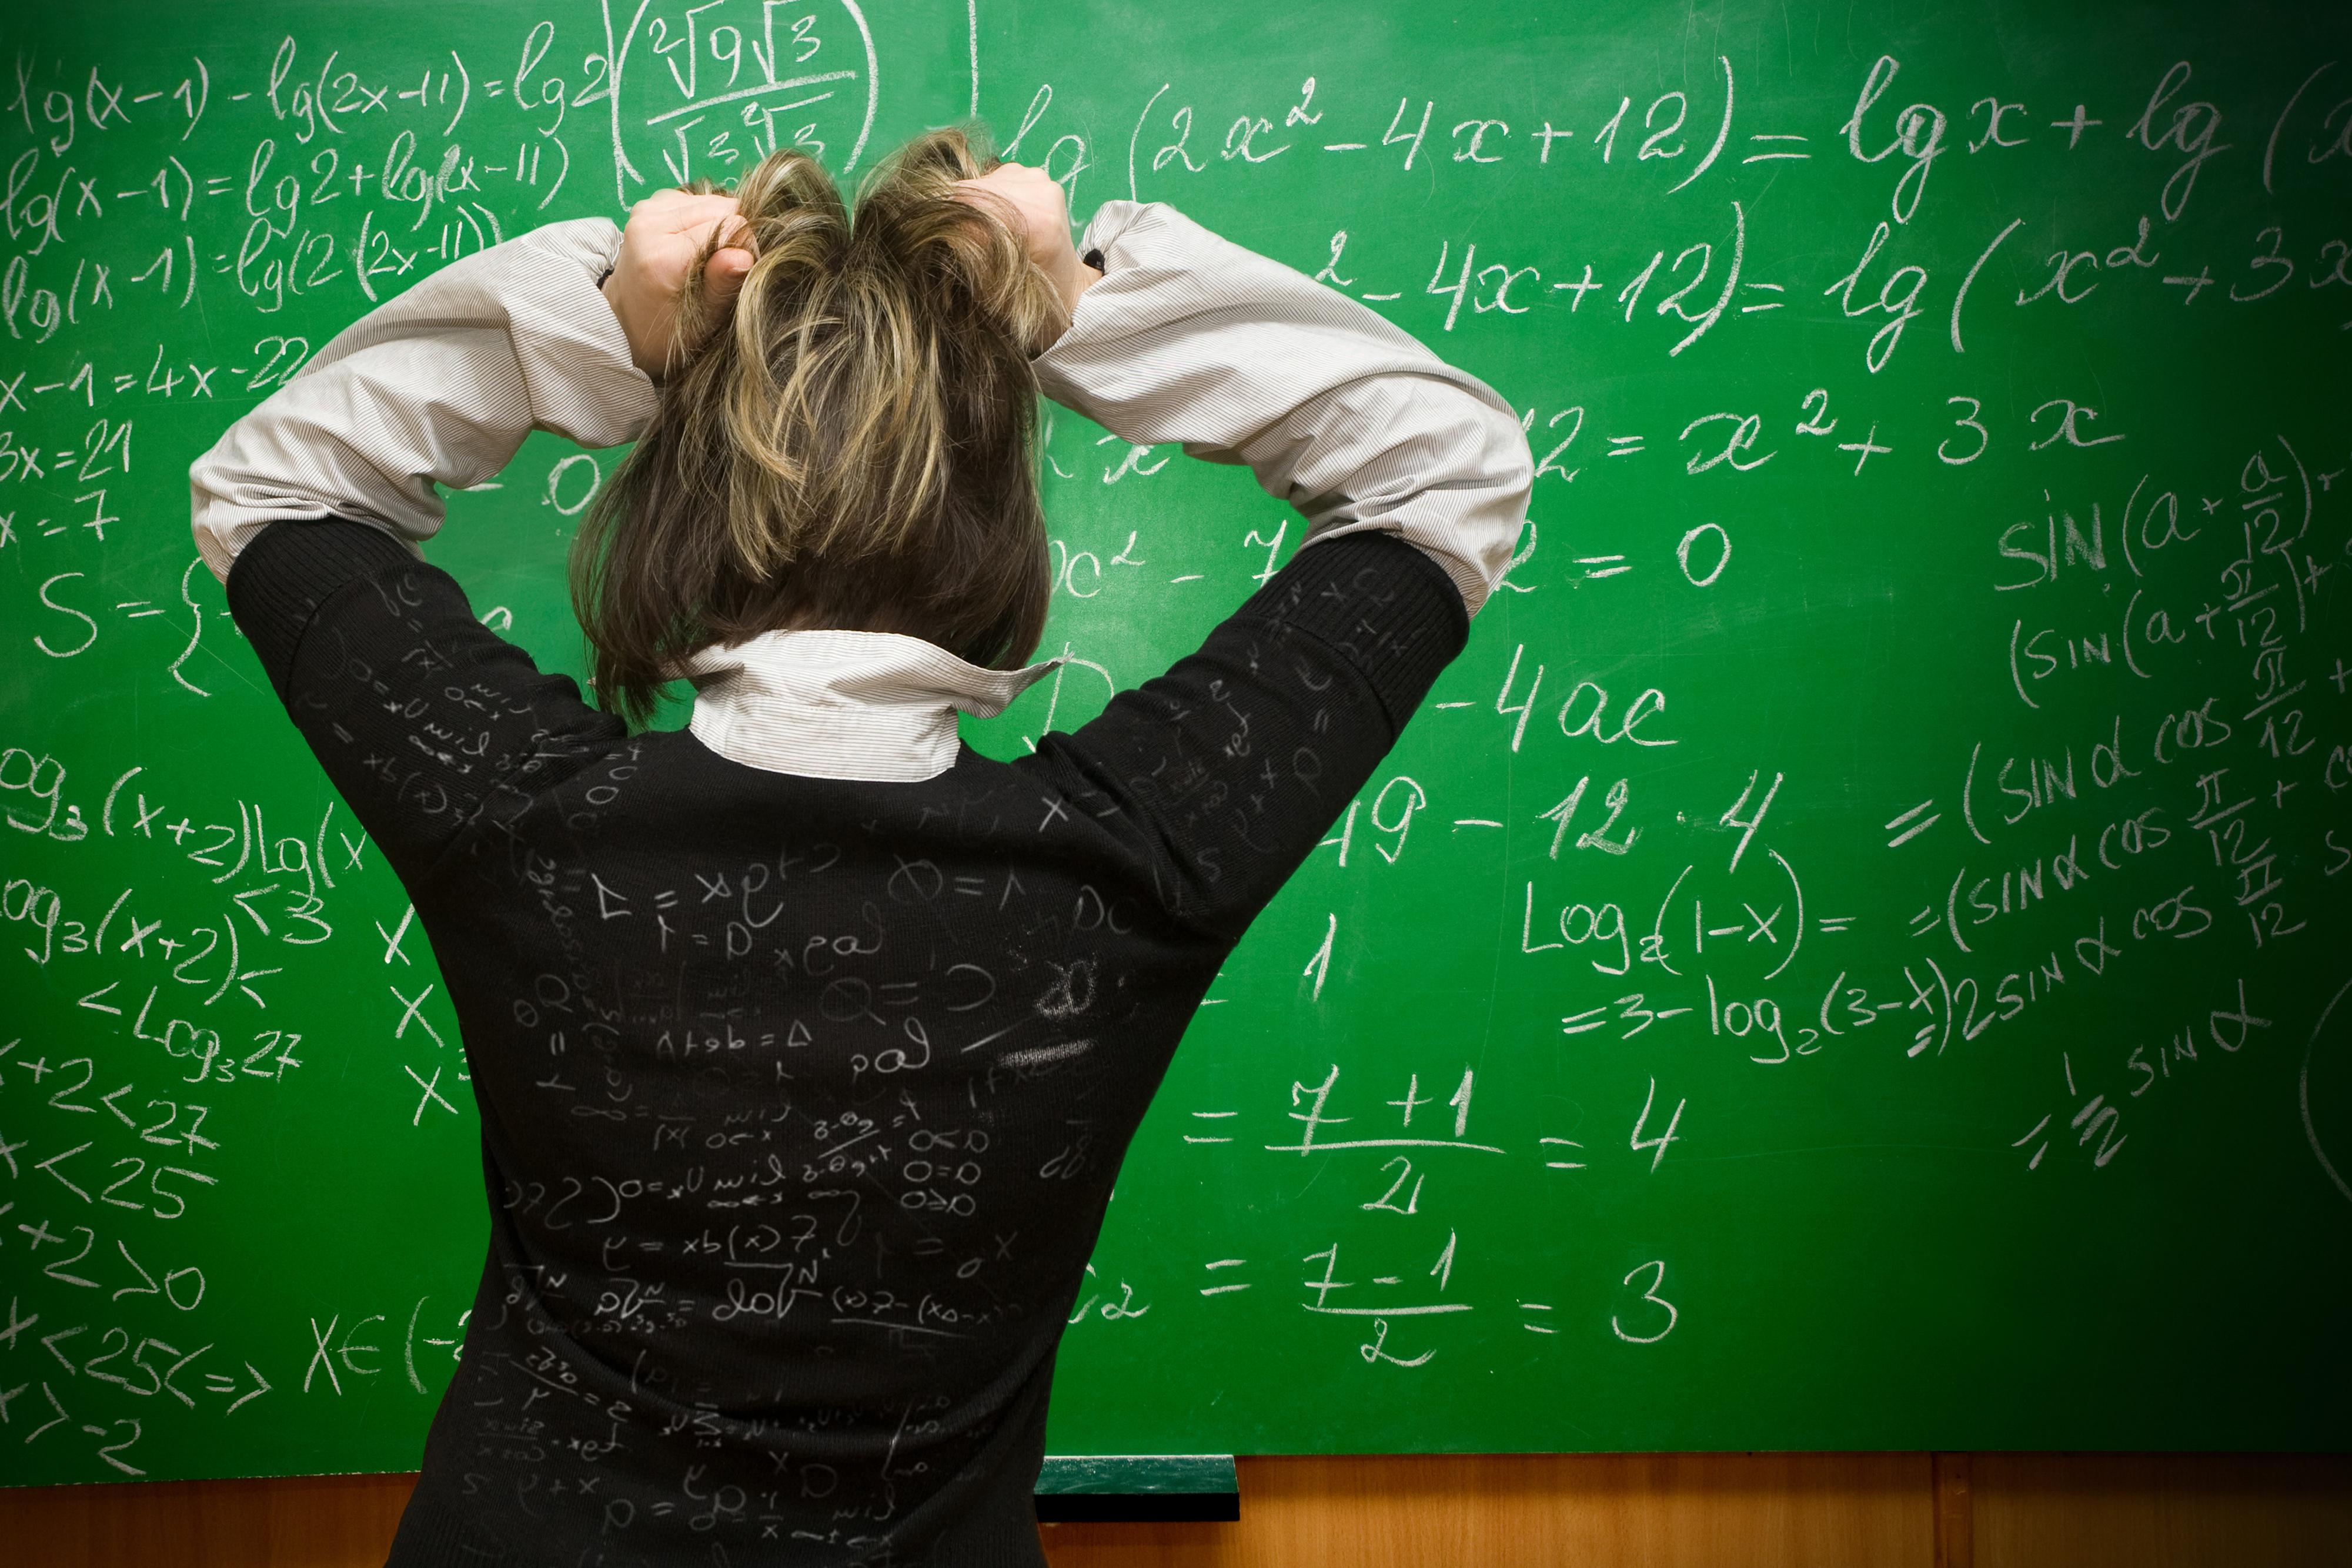 להגיע מוכנים למבחן ולדעת לקראת מה הולכים (צילום: sutterstock)